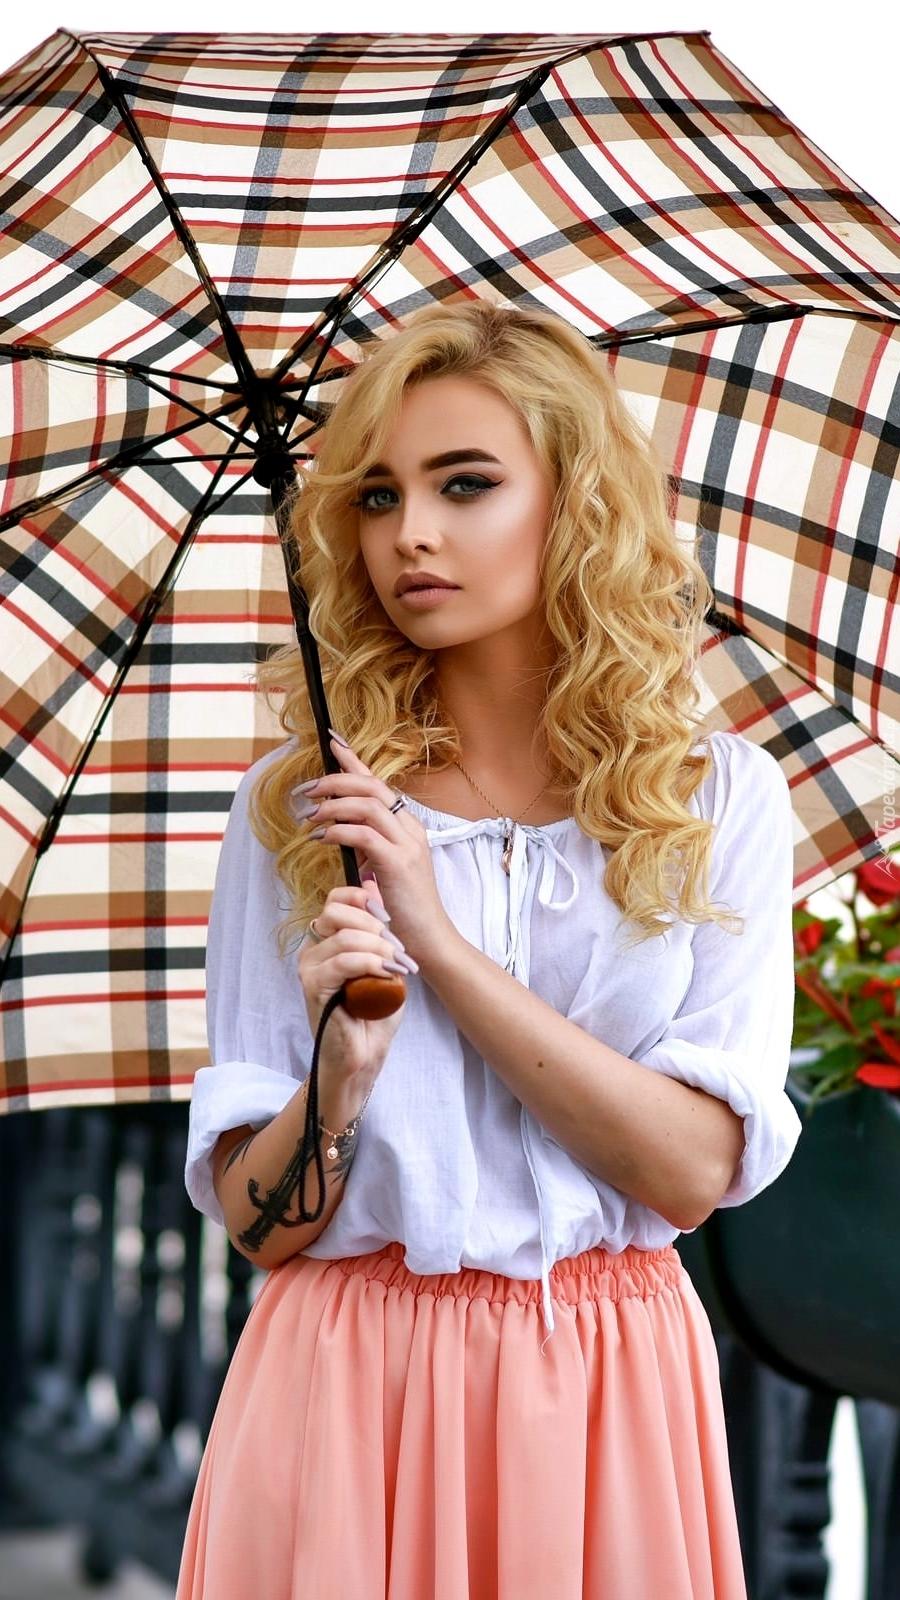 Blondynka z parasolką